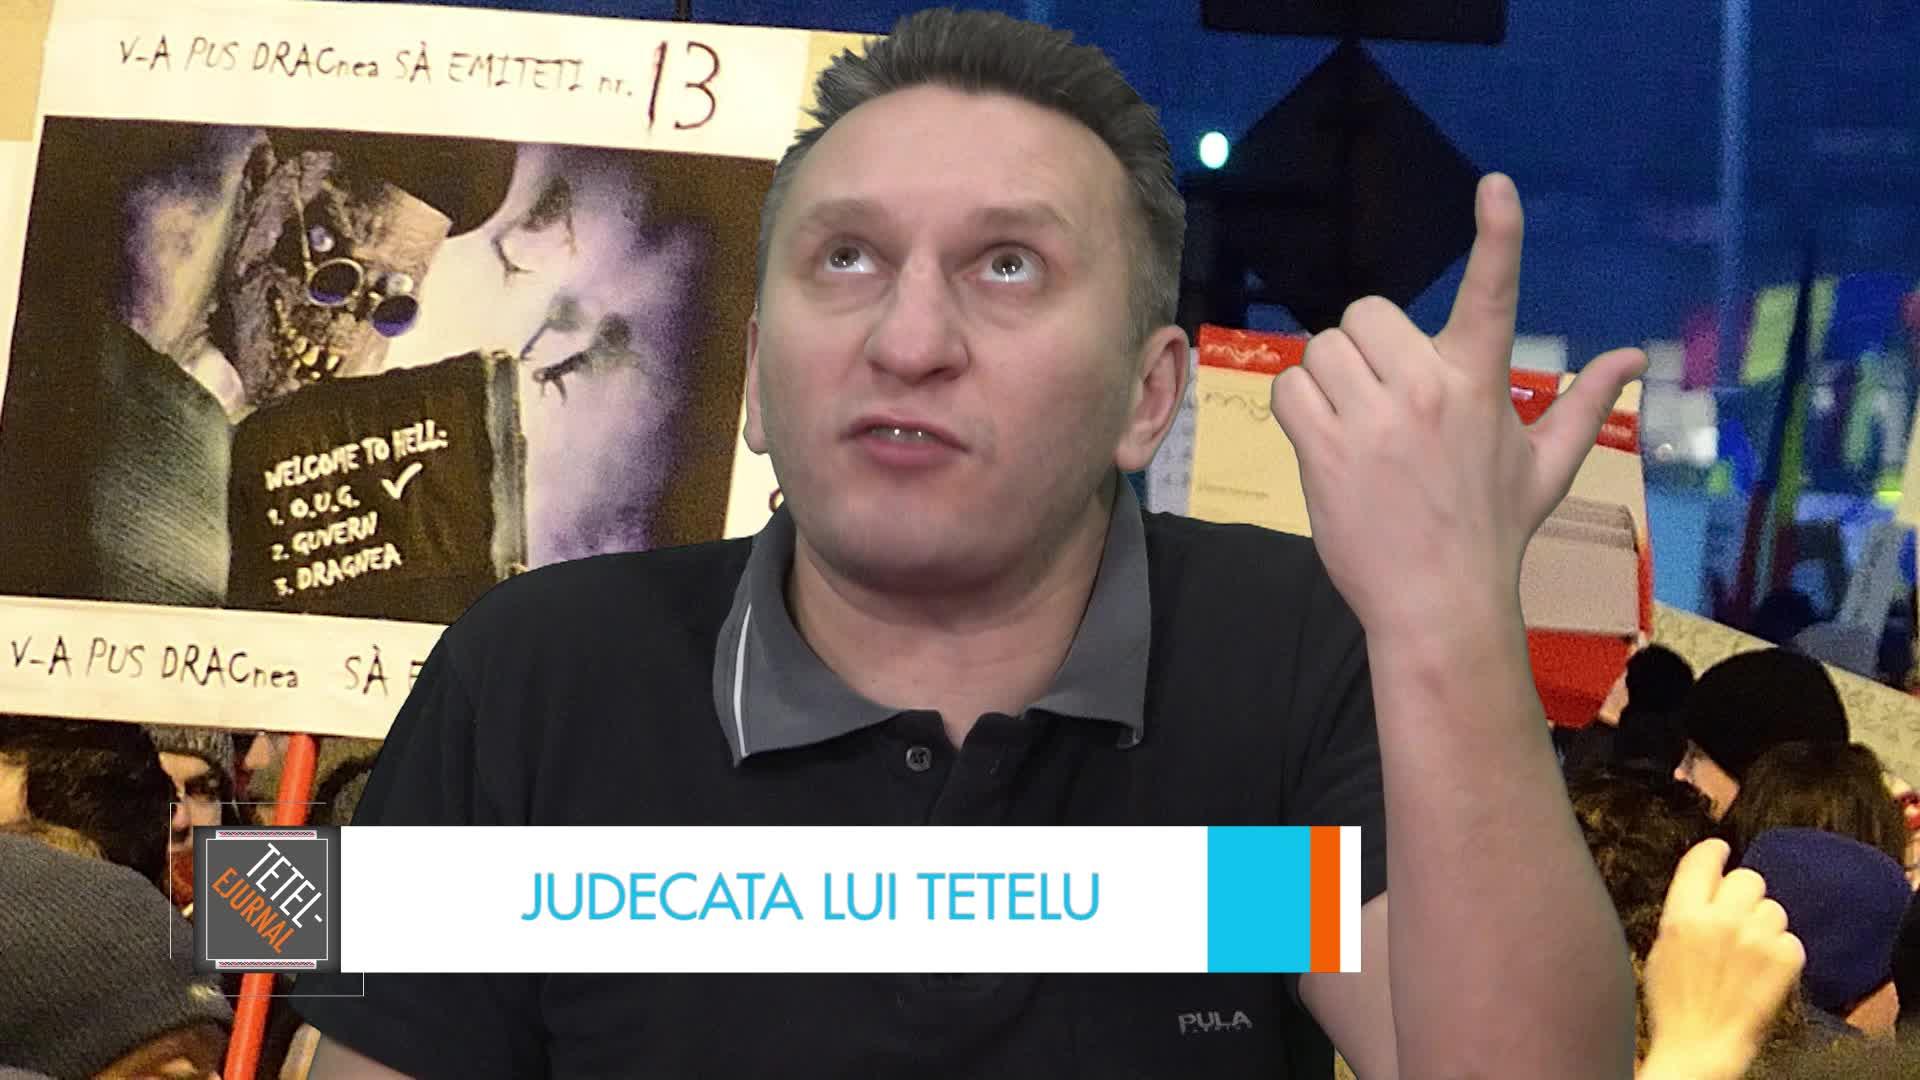 Judecata lui Tetelu: Dezbinarea românilor